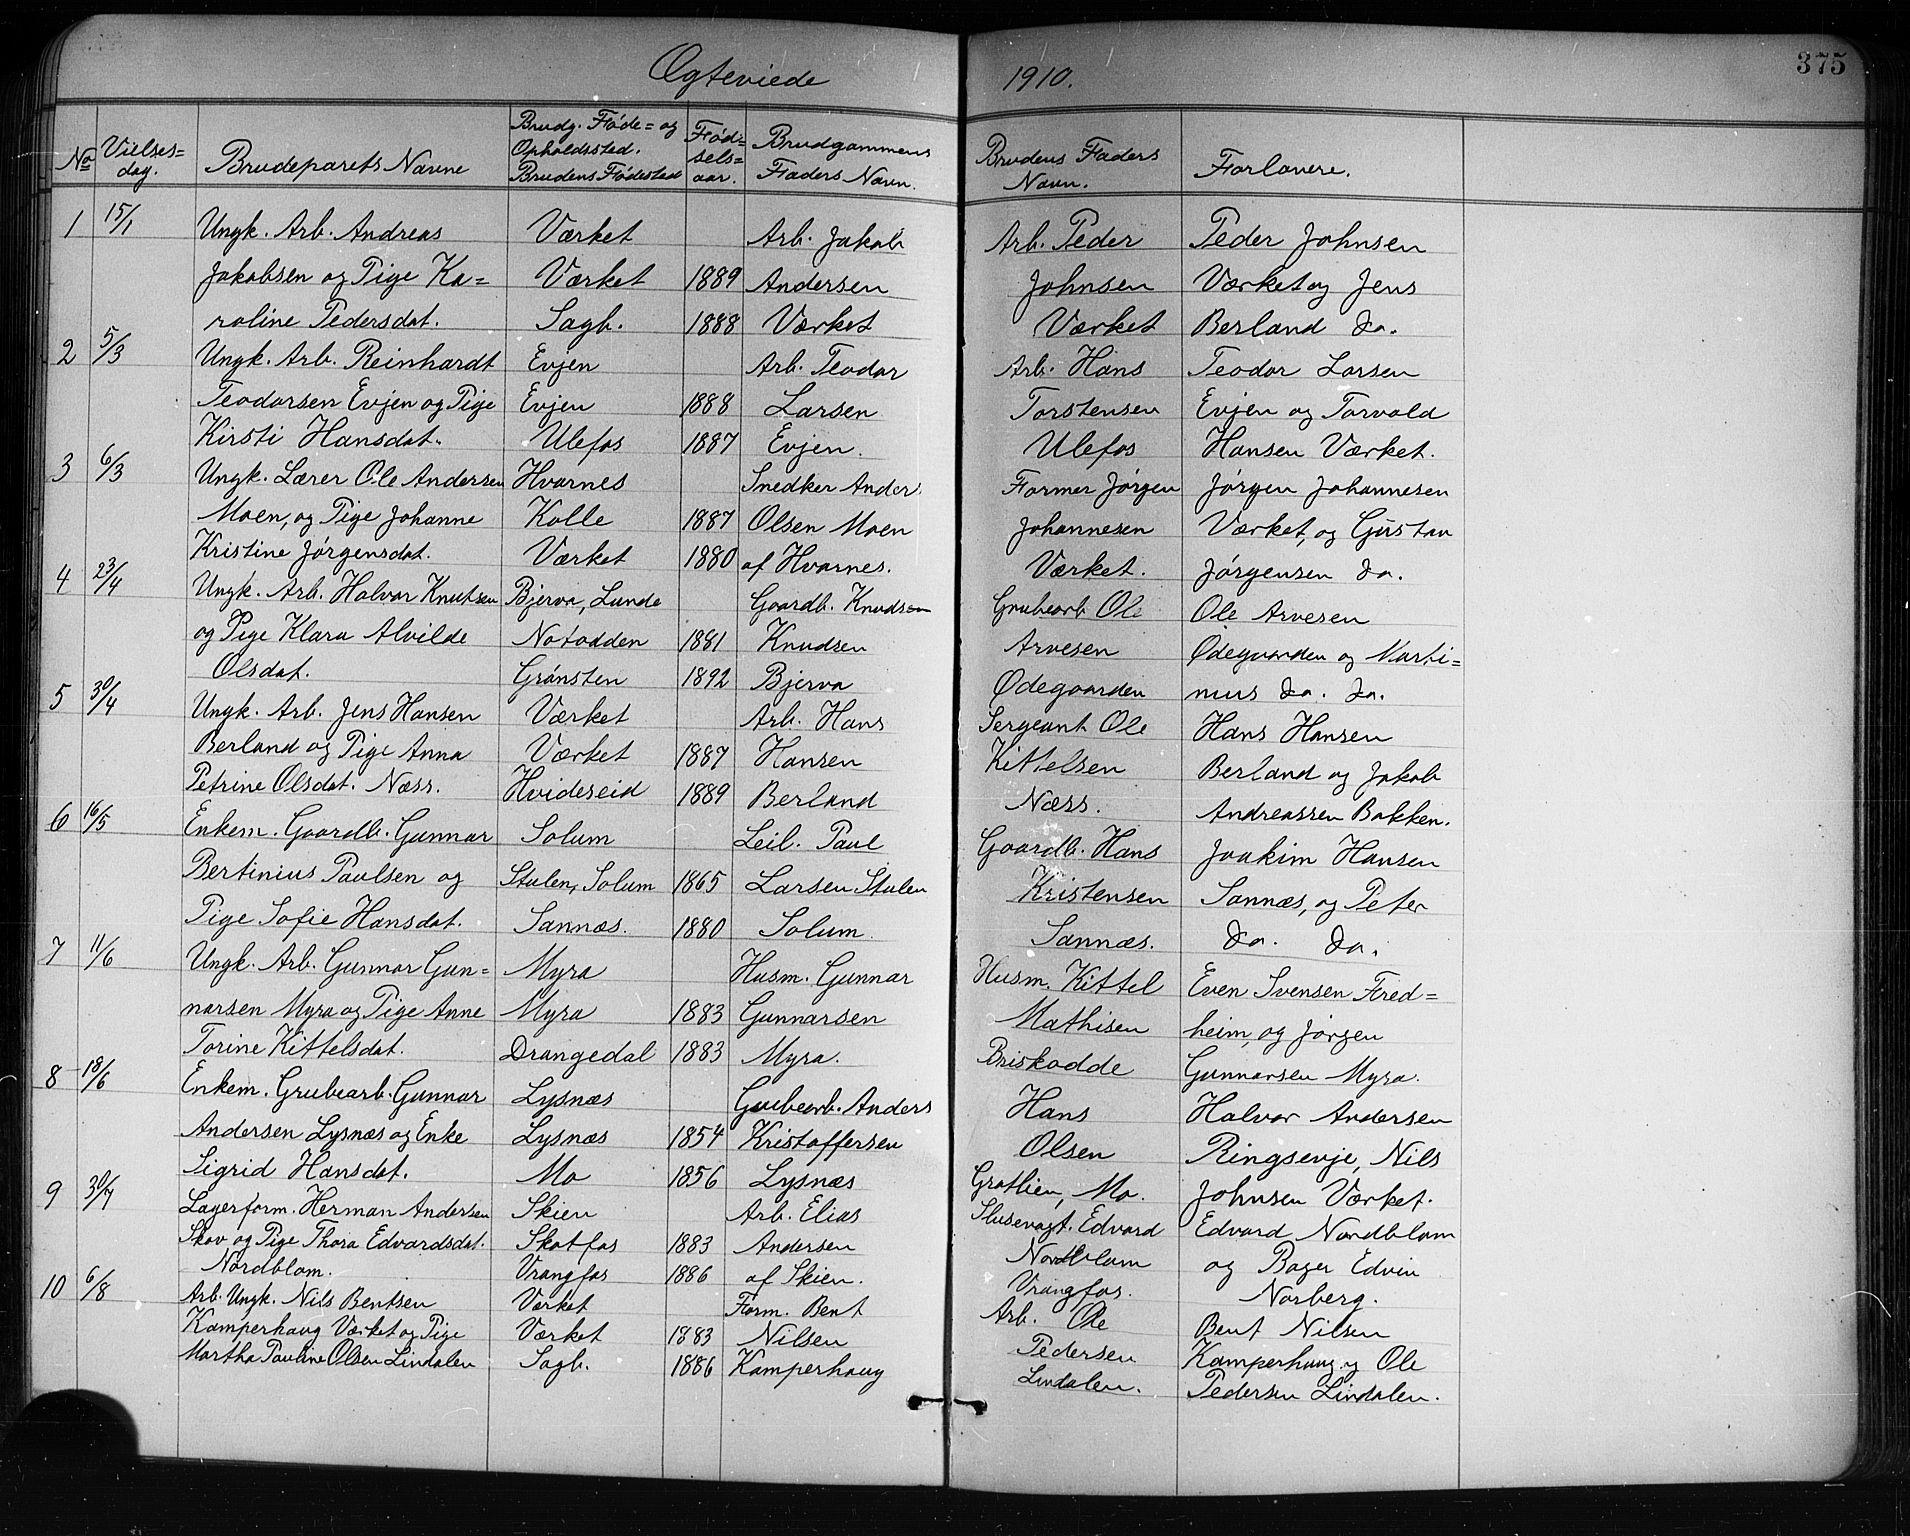 SAKO, Holla kirkebøker, G/Ga/L0005: Klokkerbok nr. I 5, 1891-1917, s. 375